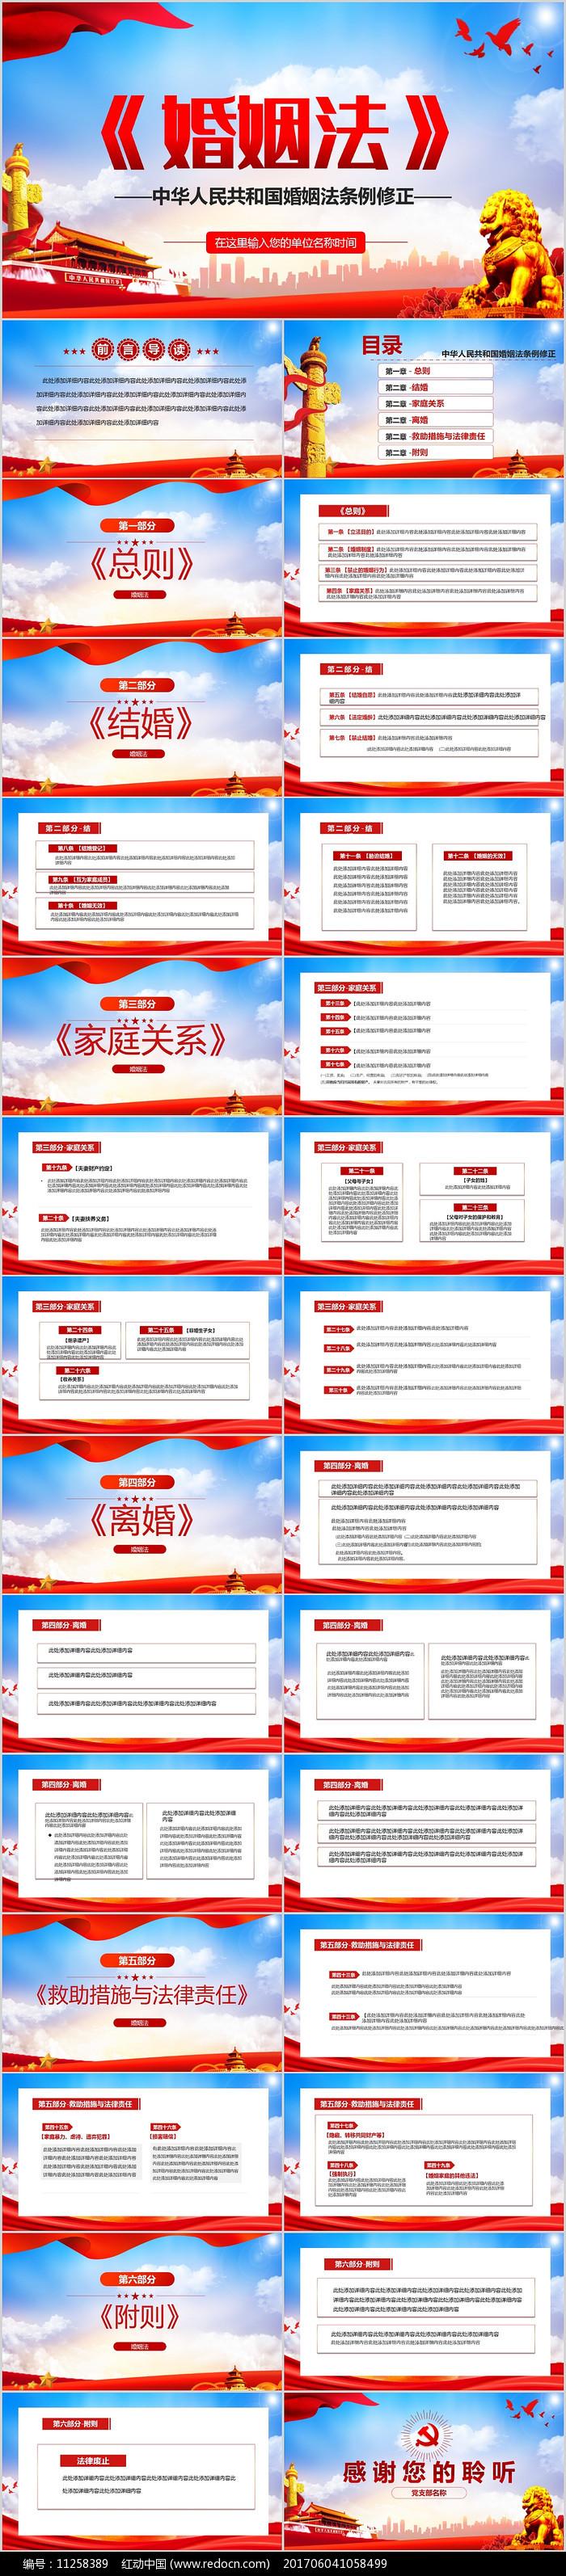 中华人民共和国婚姻法解读PPT